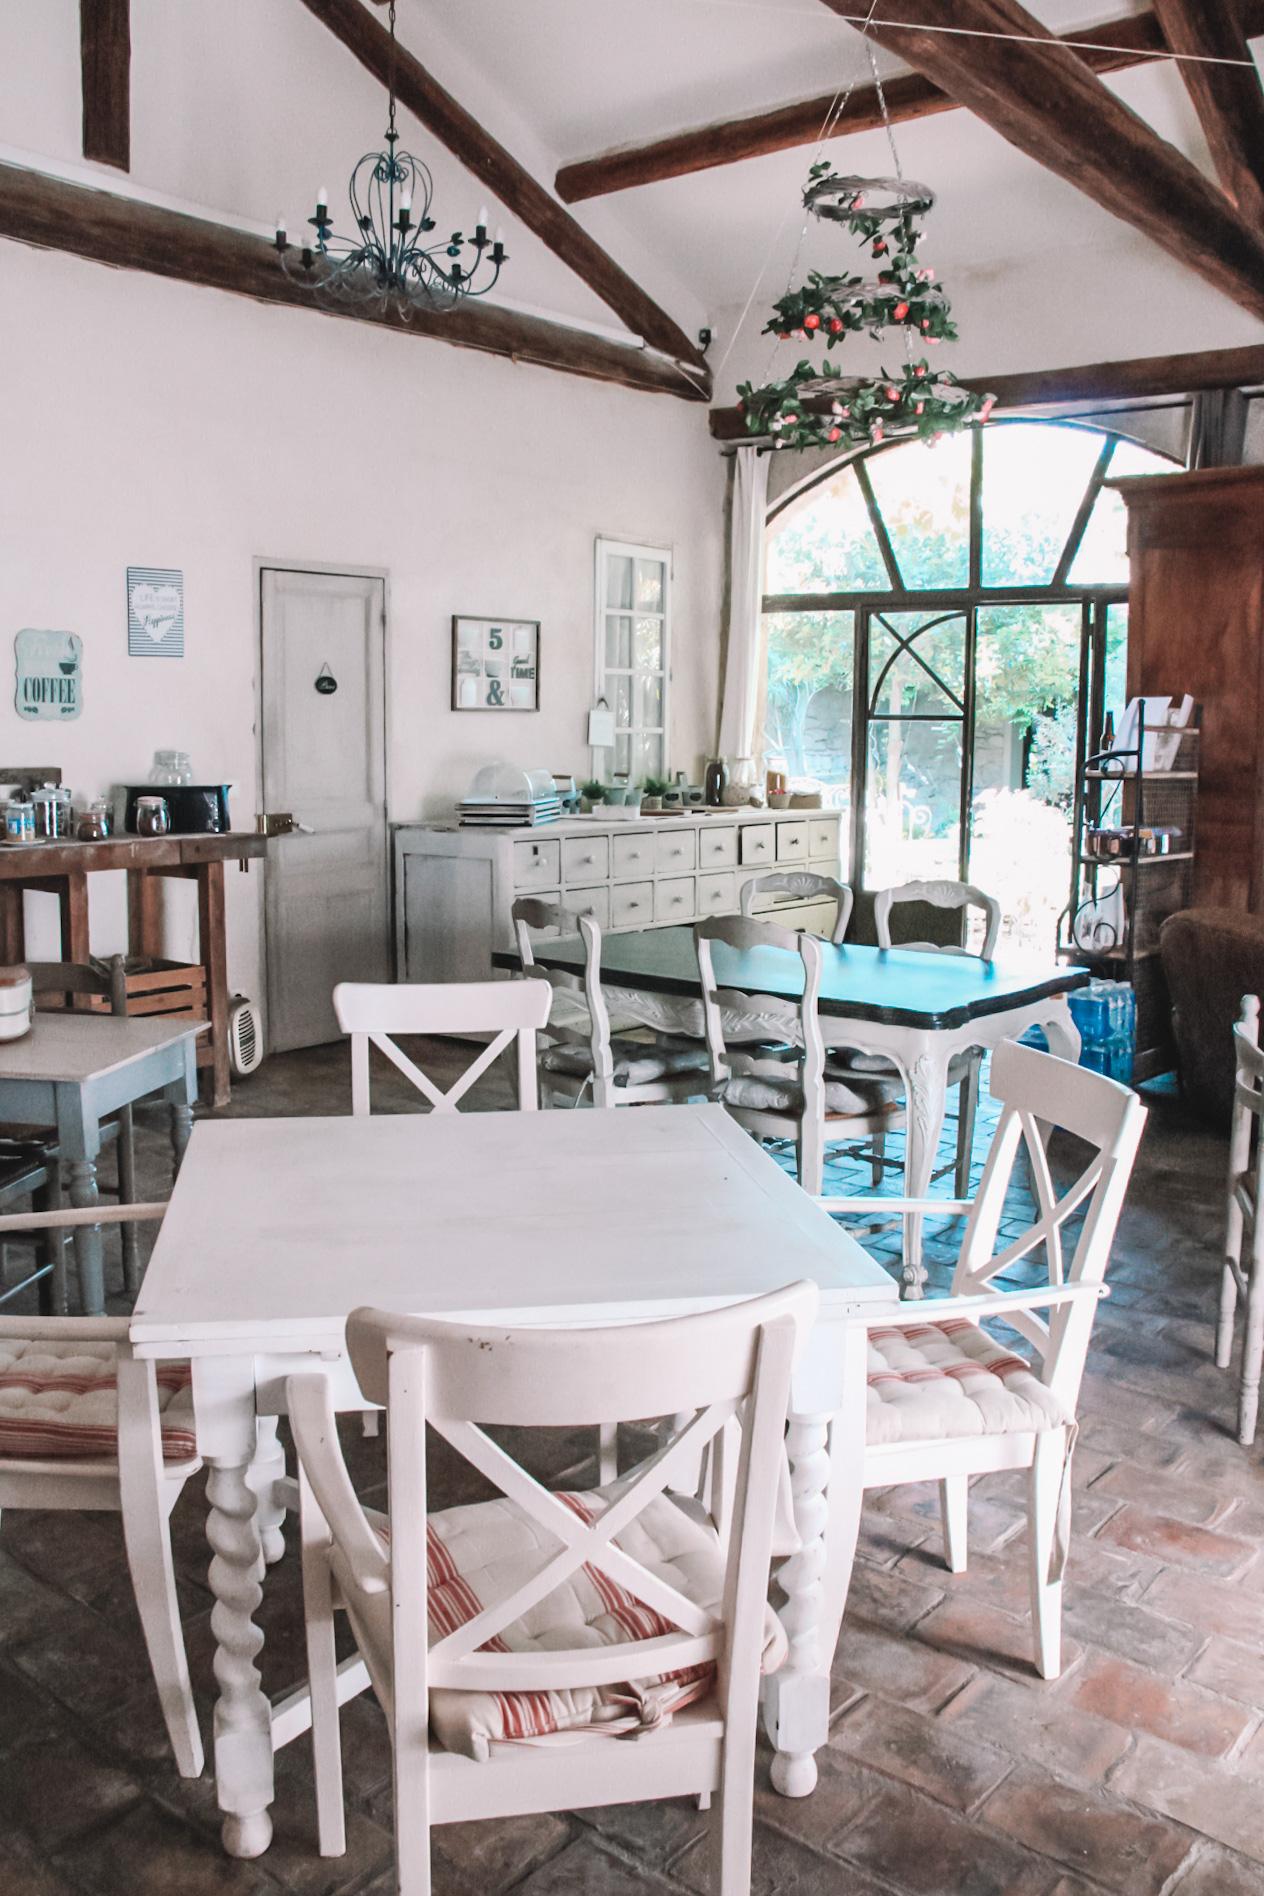 la bastide des songes - chambre hotes - luberon - provence - gordes - roussillon - isle sur sorgue - salle petit dejeuner